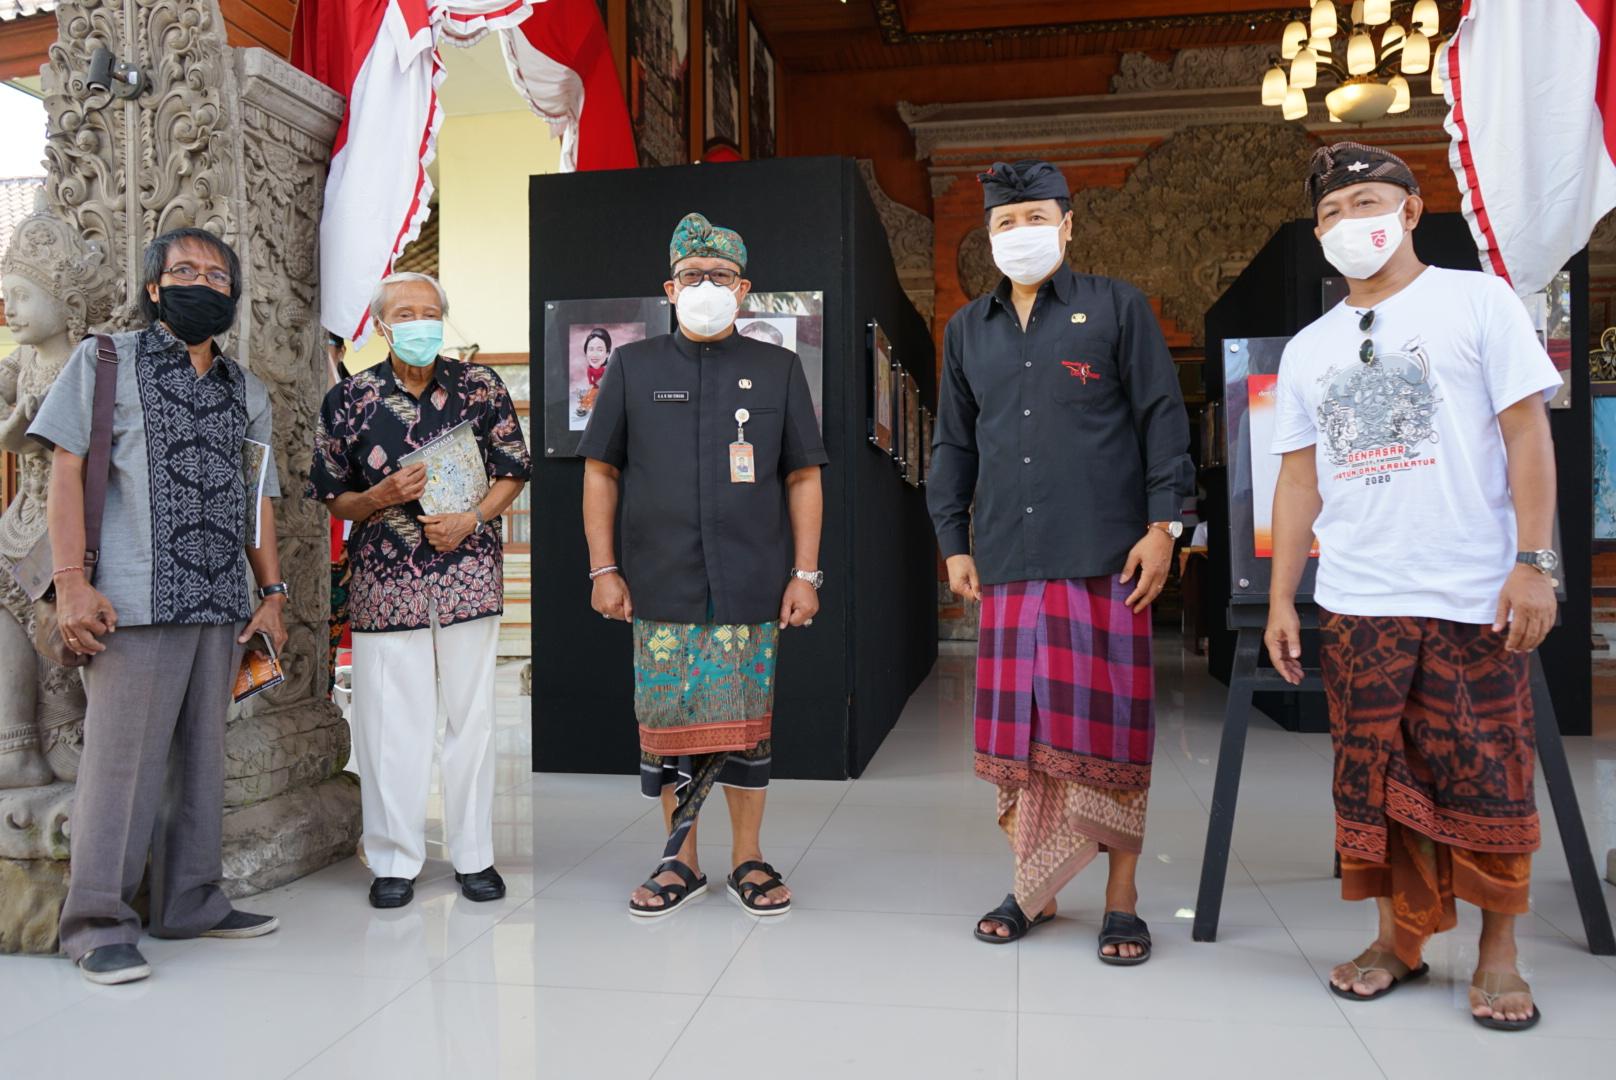 Foto: KARTUNIS ACARA pembukaan pameran kartun dan karikatur yang berlangsung di Kantor Dinas Kebudayaan Kota Denpasar, Jumat (14/8). Foto: ist